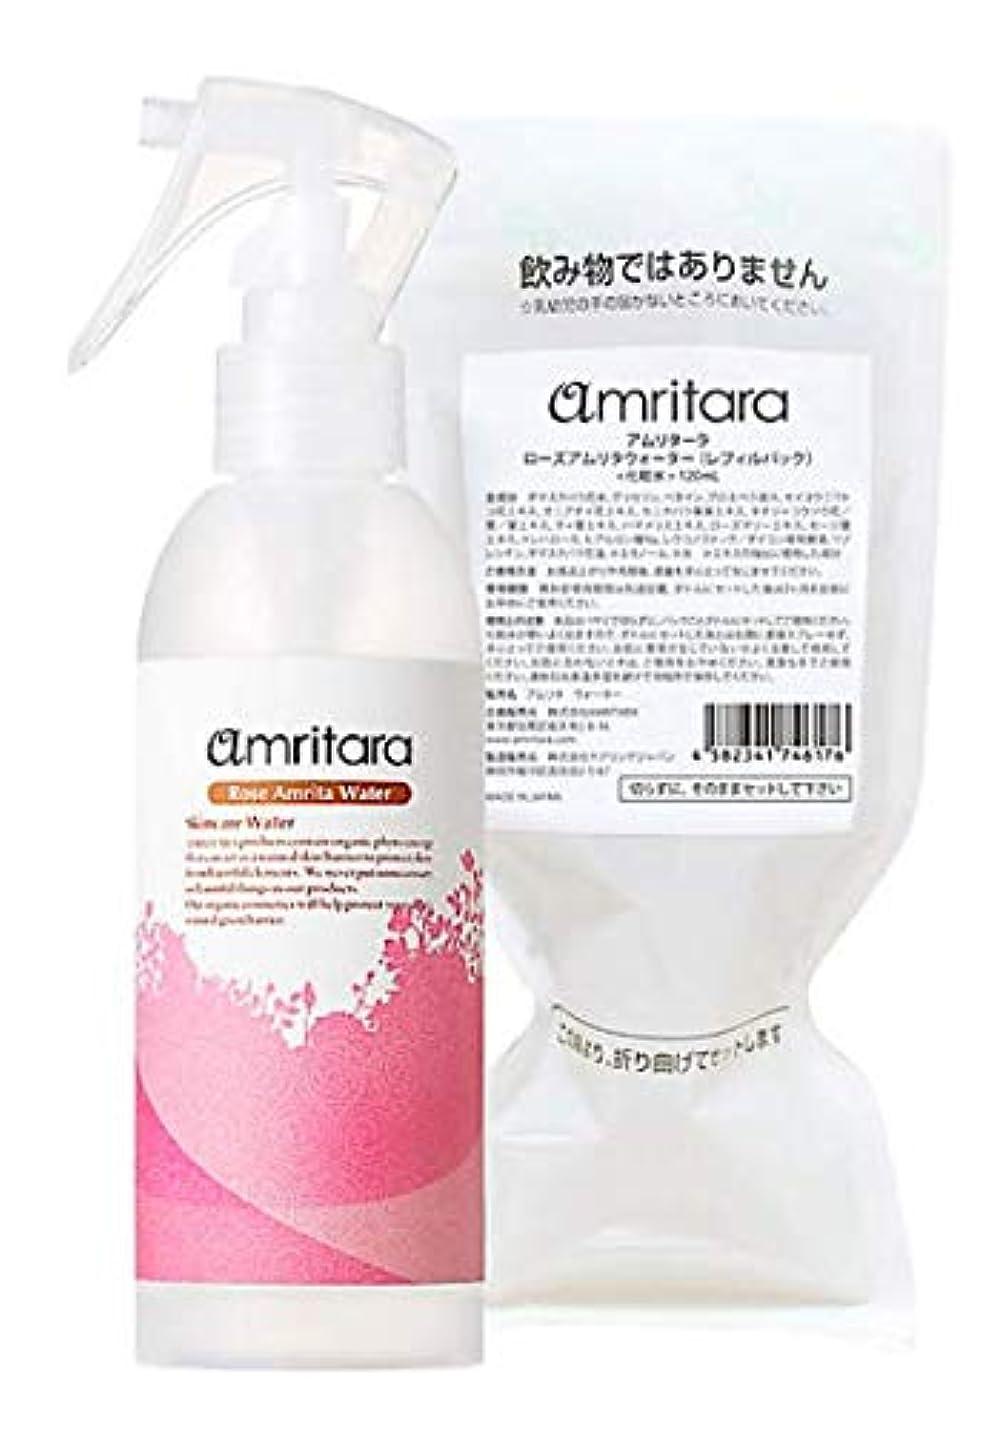 気楽なバッチ腰amritara(アムリターラ) ローズアムリタウォーター セット 120mL(レフィルと空ボトルのセット)